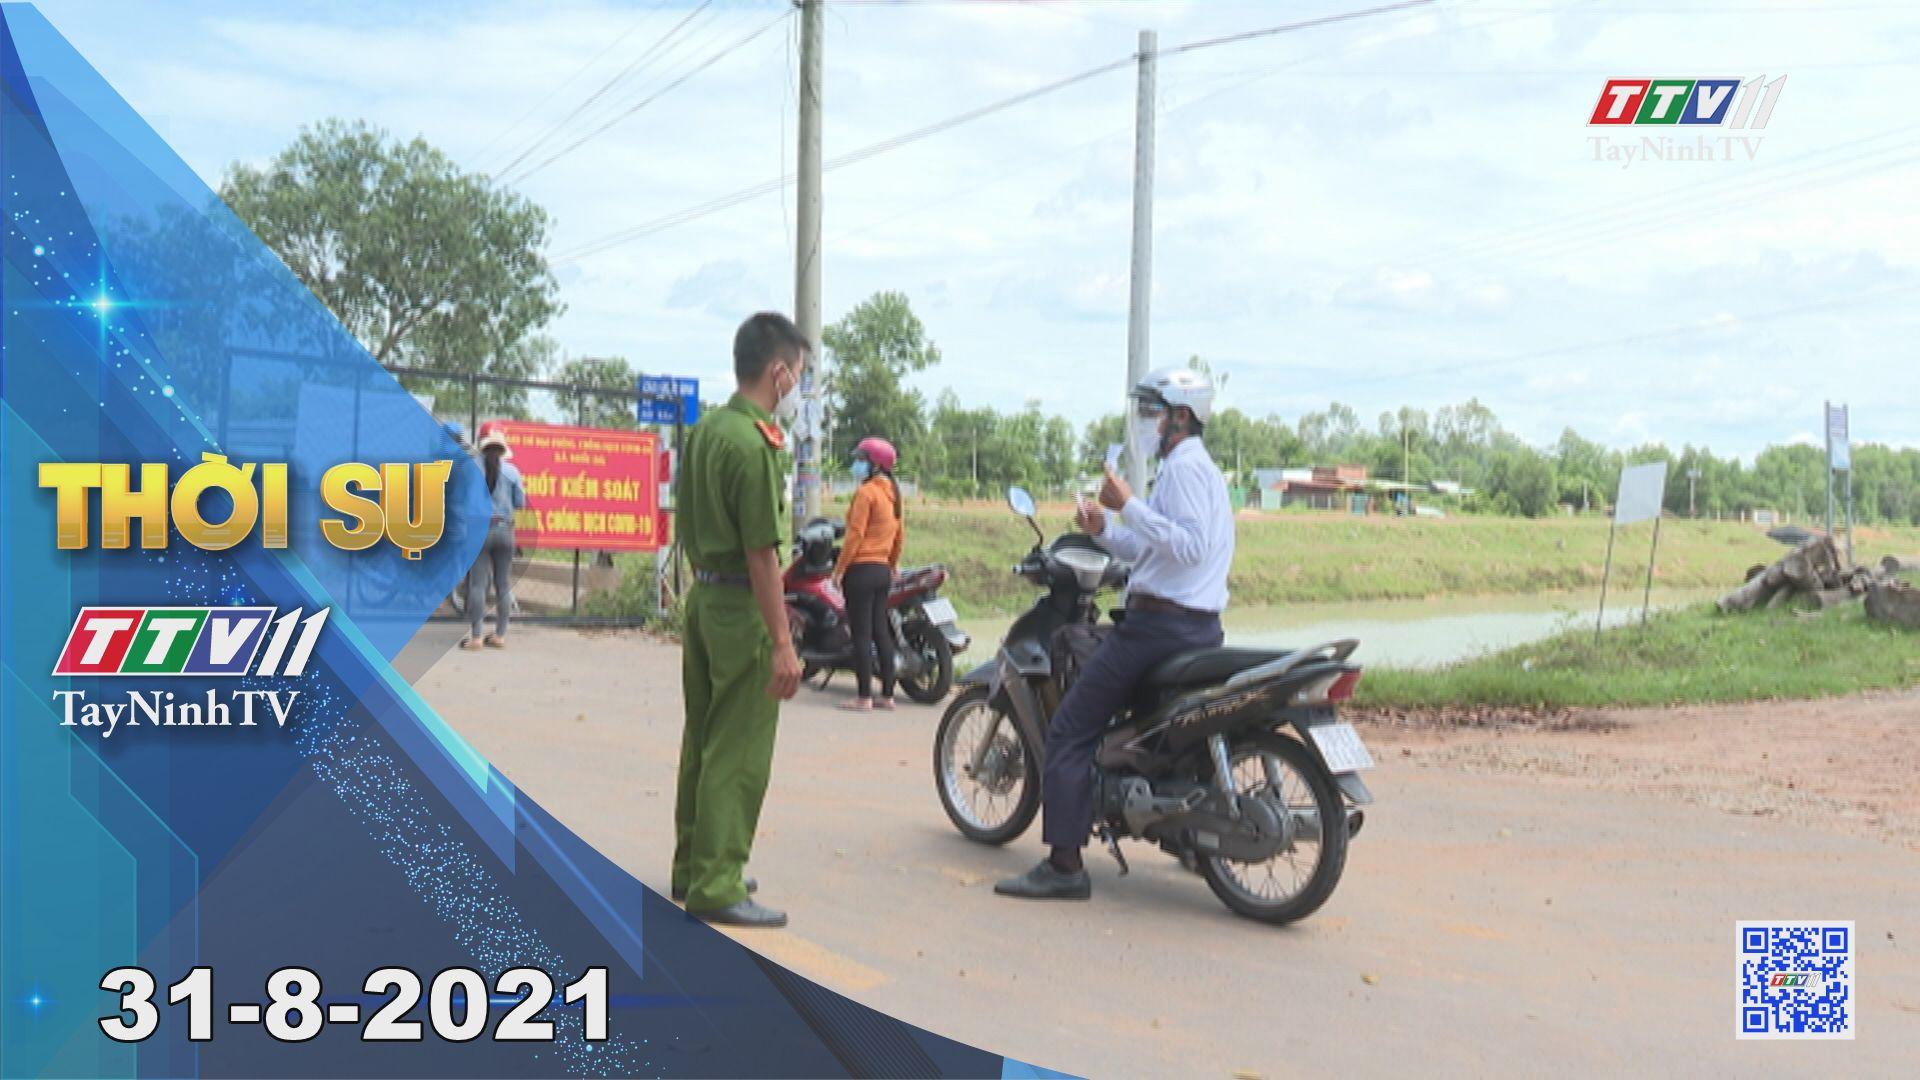 Thời sự Tây Ninh 31-8-2021 | Tin tức hôm nay | TayNinhTV